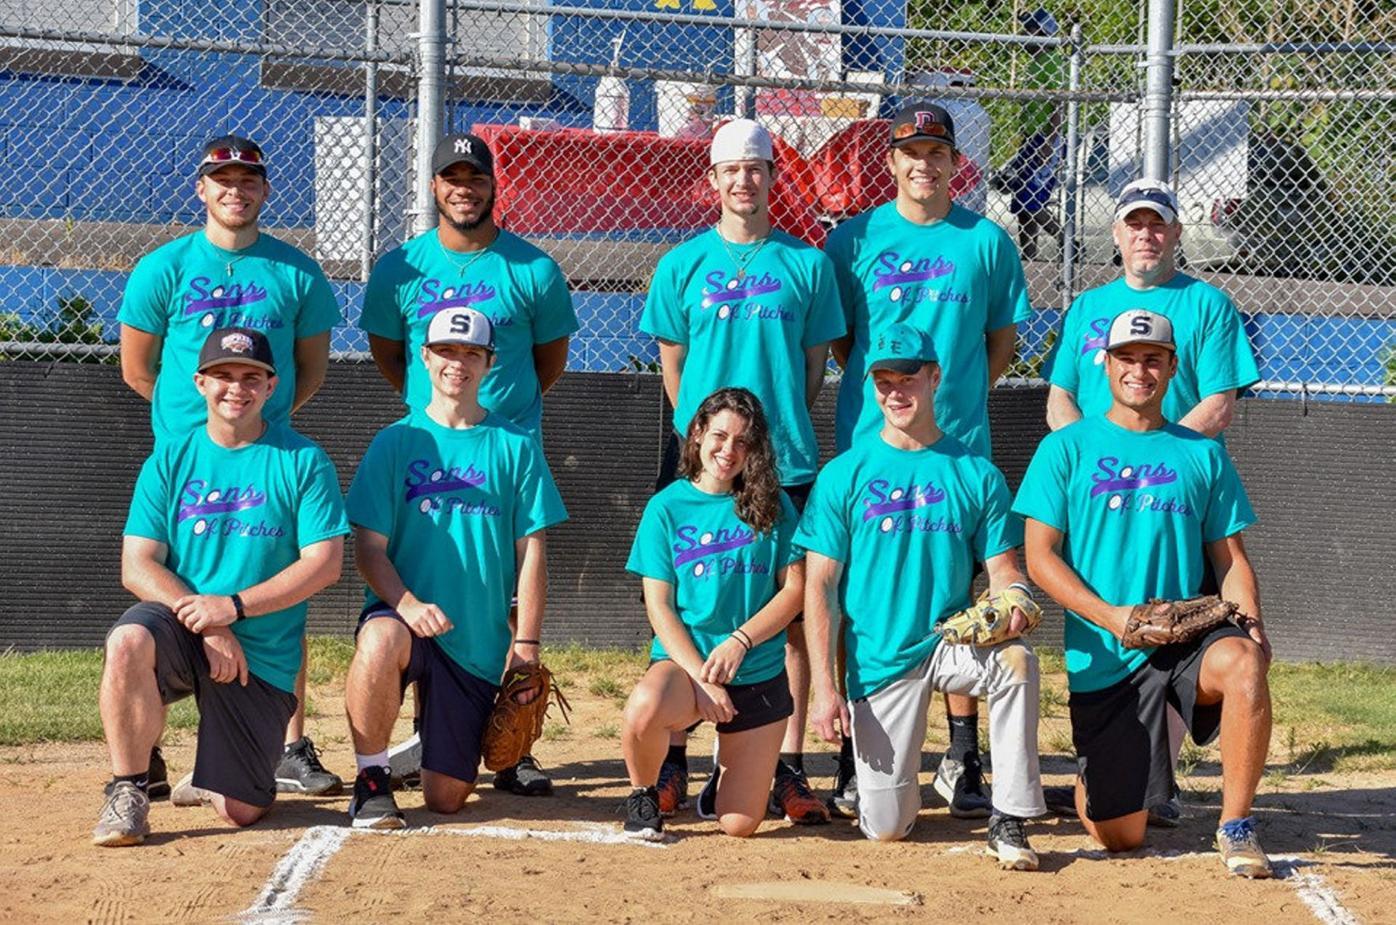 Youth Baseball Sports Standardspeaker Com